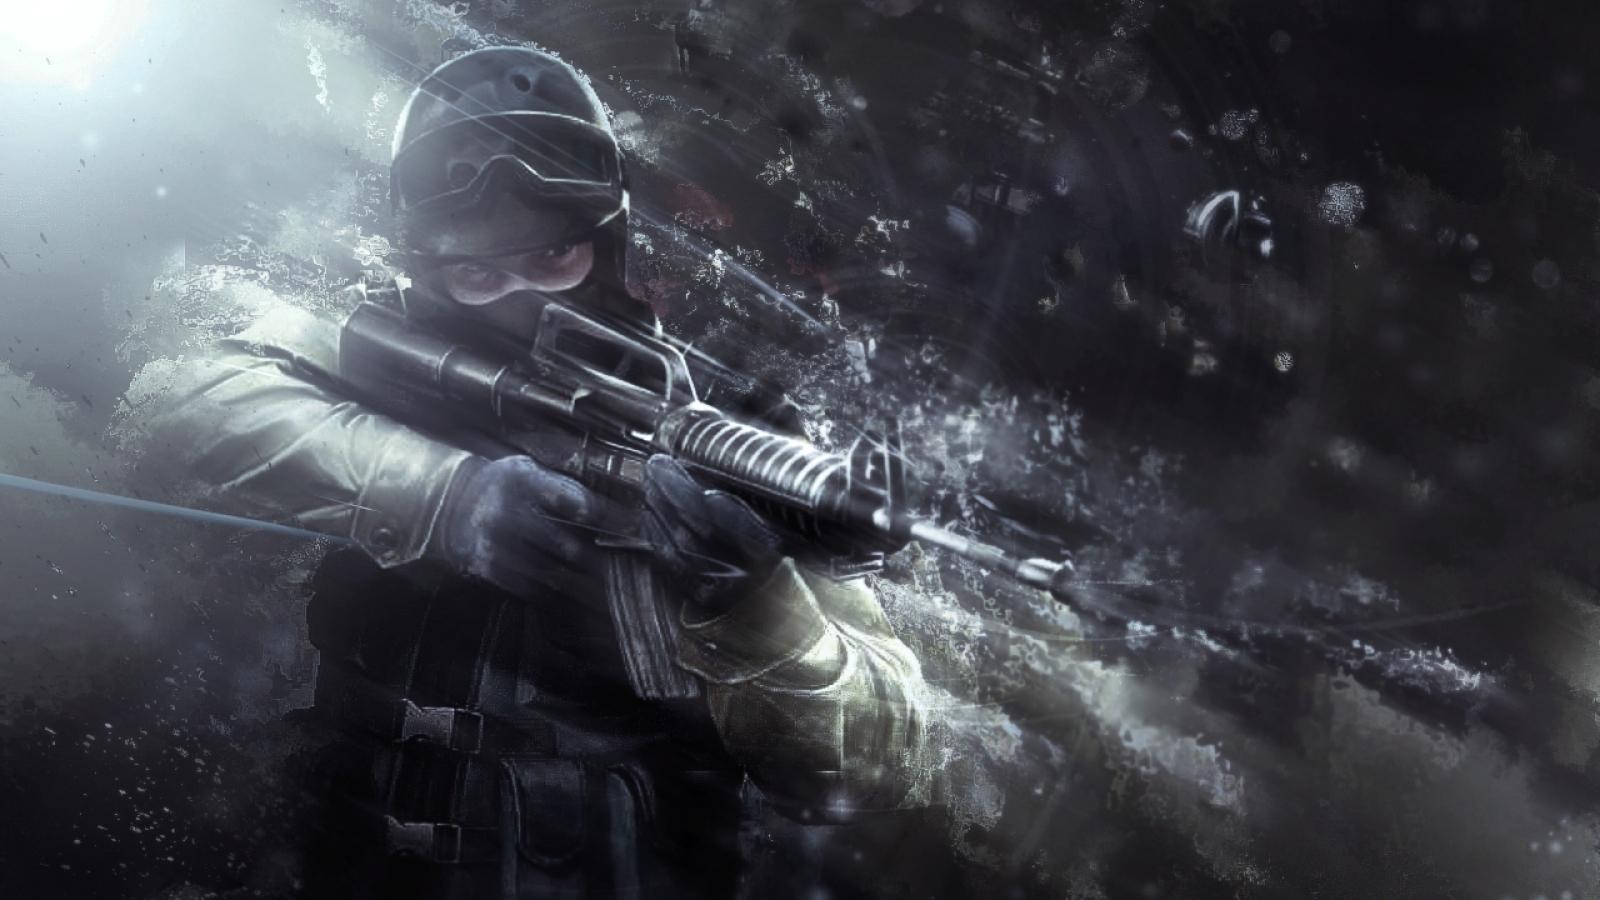 CS GO cool wallpaper   Counter Strike Global Offensive Wallpaper 1600x900